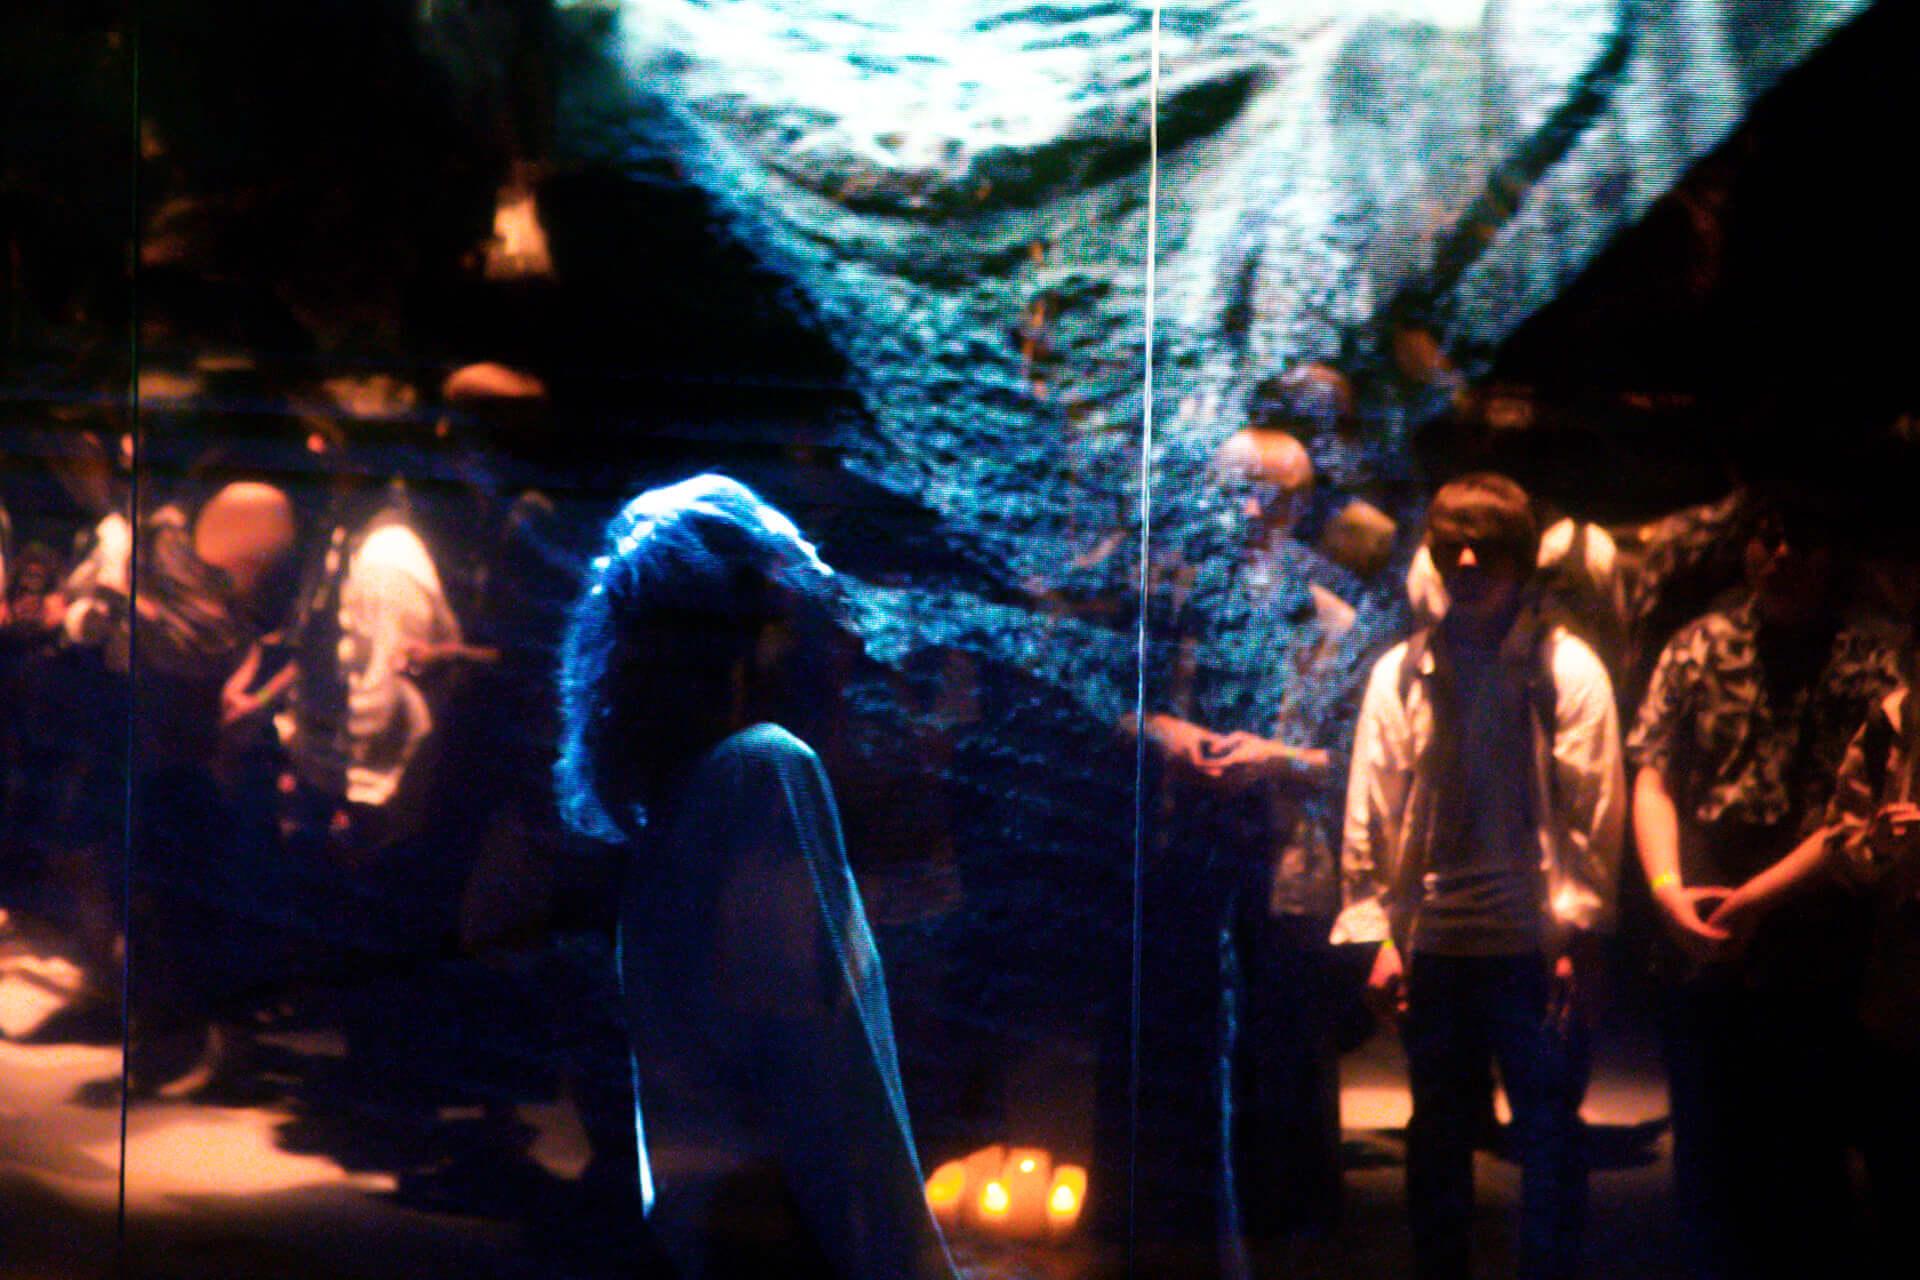 米津玄師「馬と鹿」MV、ついに解禁|<鏡の上映会>で観客とひとつに music190903_yonezukenshi_mv_8-1920x1280